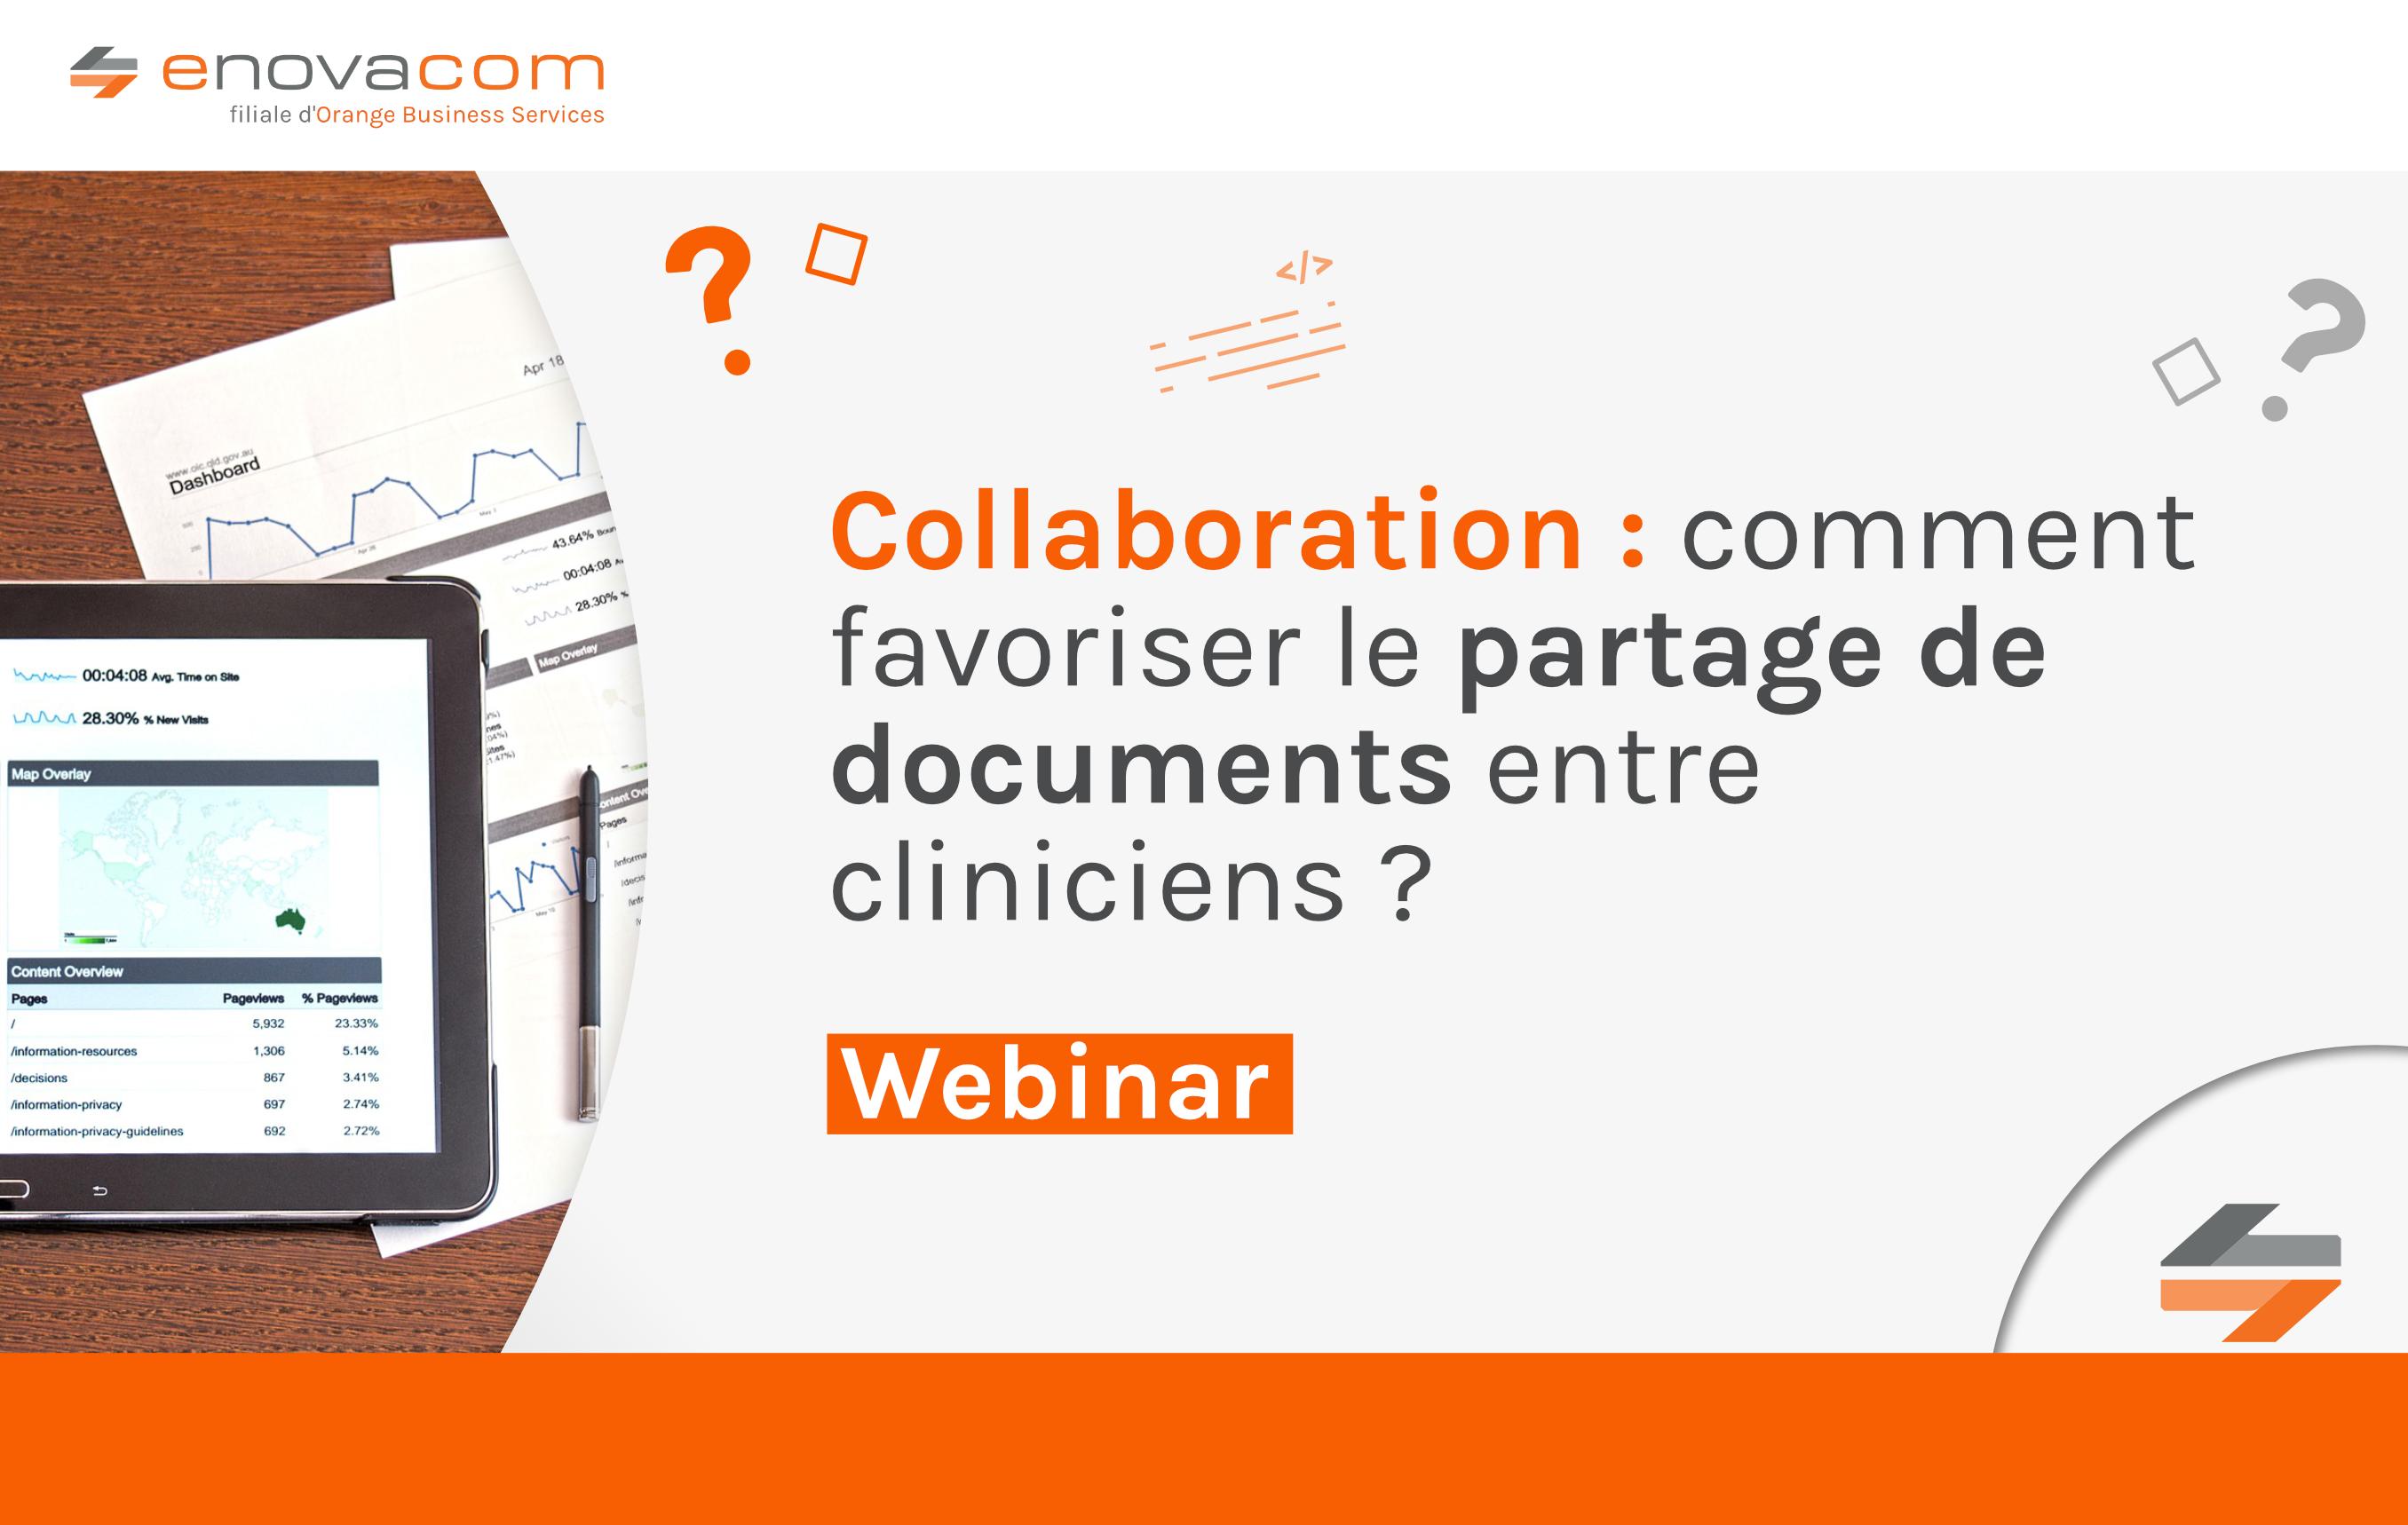 Collaboration : Comment favoriser le partage de documents entre cliniciens